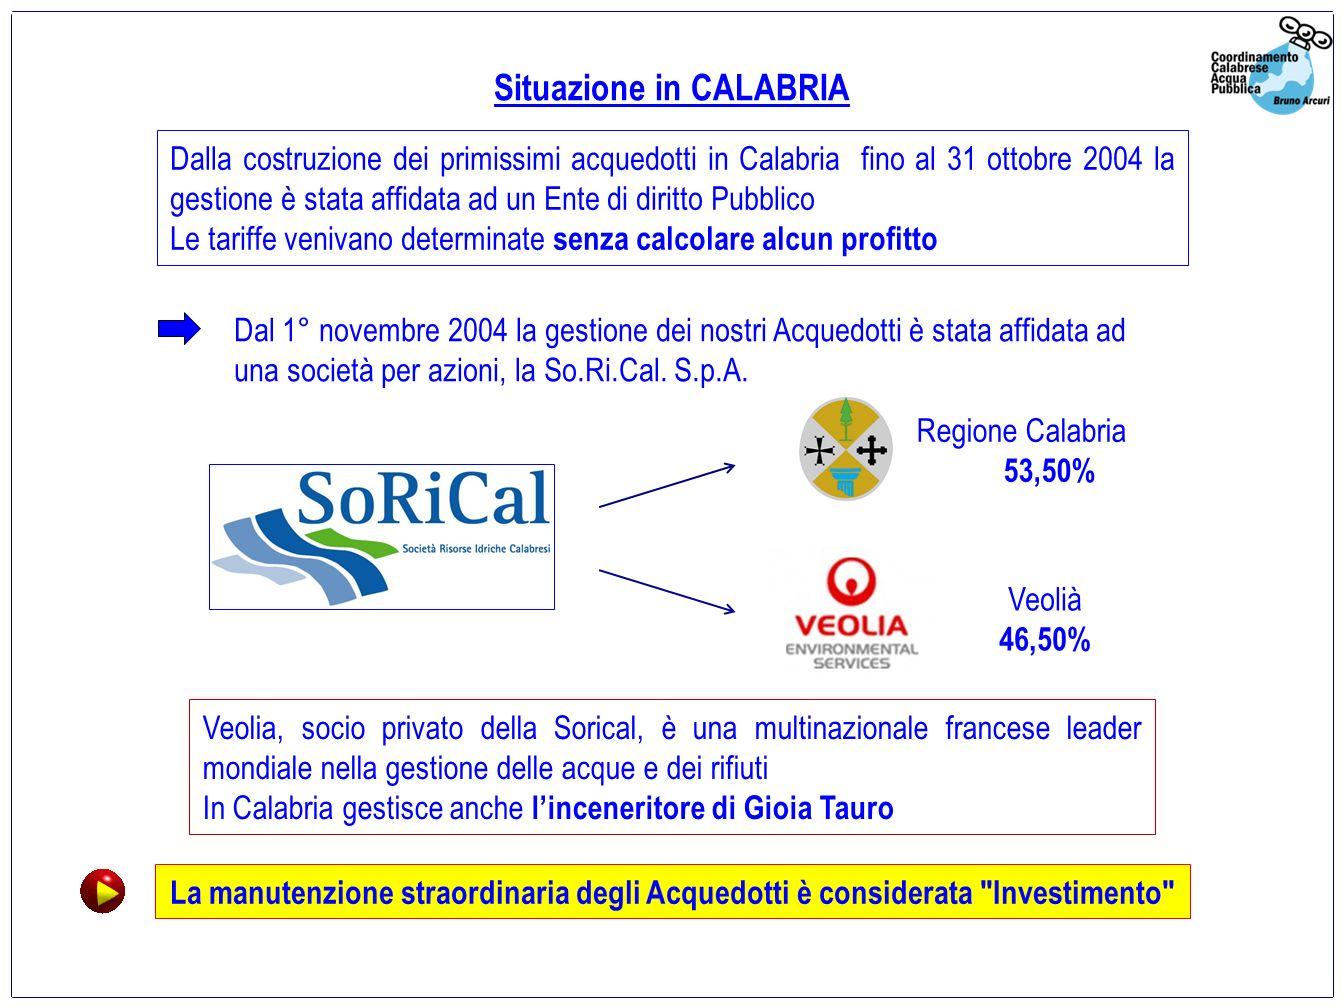 Dalla costruzione dei primissimi acquedotti in Calabria fino al 31 ottobre 2004 la gestione è stata affidata ad un Ente di diritto Pubblico Le tariffe venivano determinate senza calcolare alcun profitto Situazione in CALABRIA Veolia, socio privato della Sorical, è una multinazionale francese leader mondiale nella gestione delle acque e dei rifiuti In Calabria gestisce anche linceneritore di Gioia Tauro Dal 1° novembre 2004 la gestione dei nostri Acquedotti è stata affidata ad una società per azioni, la So.Ri.Cal.